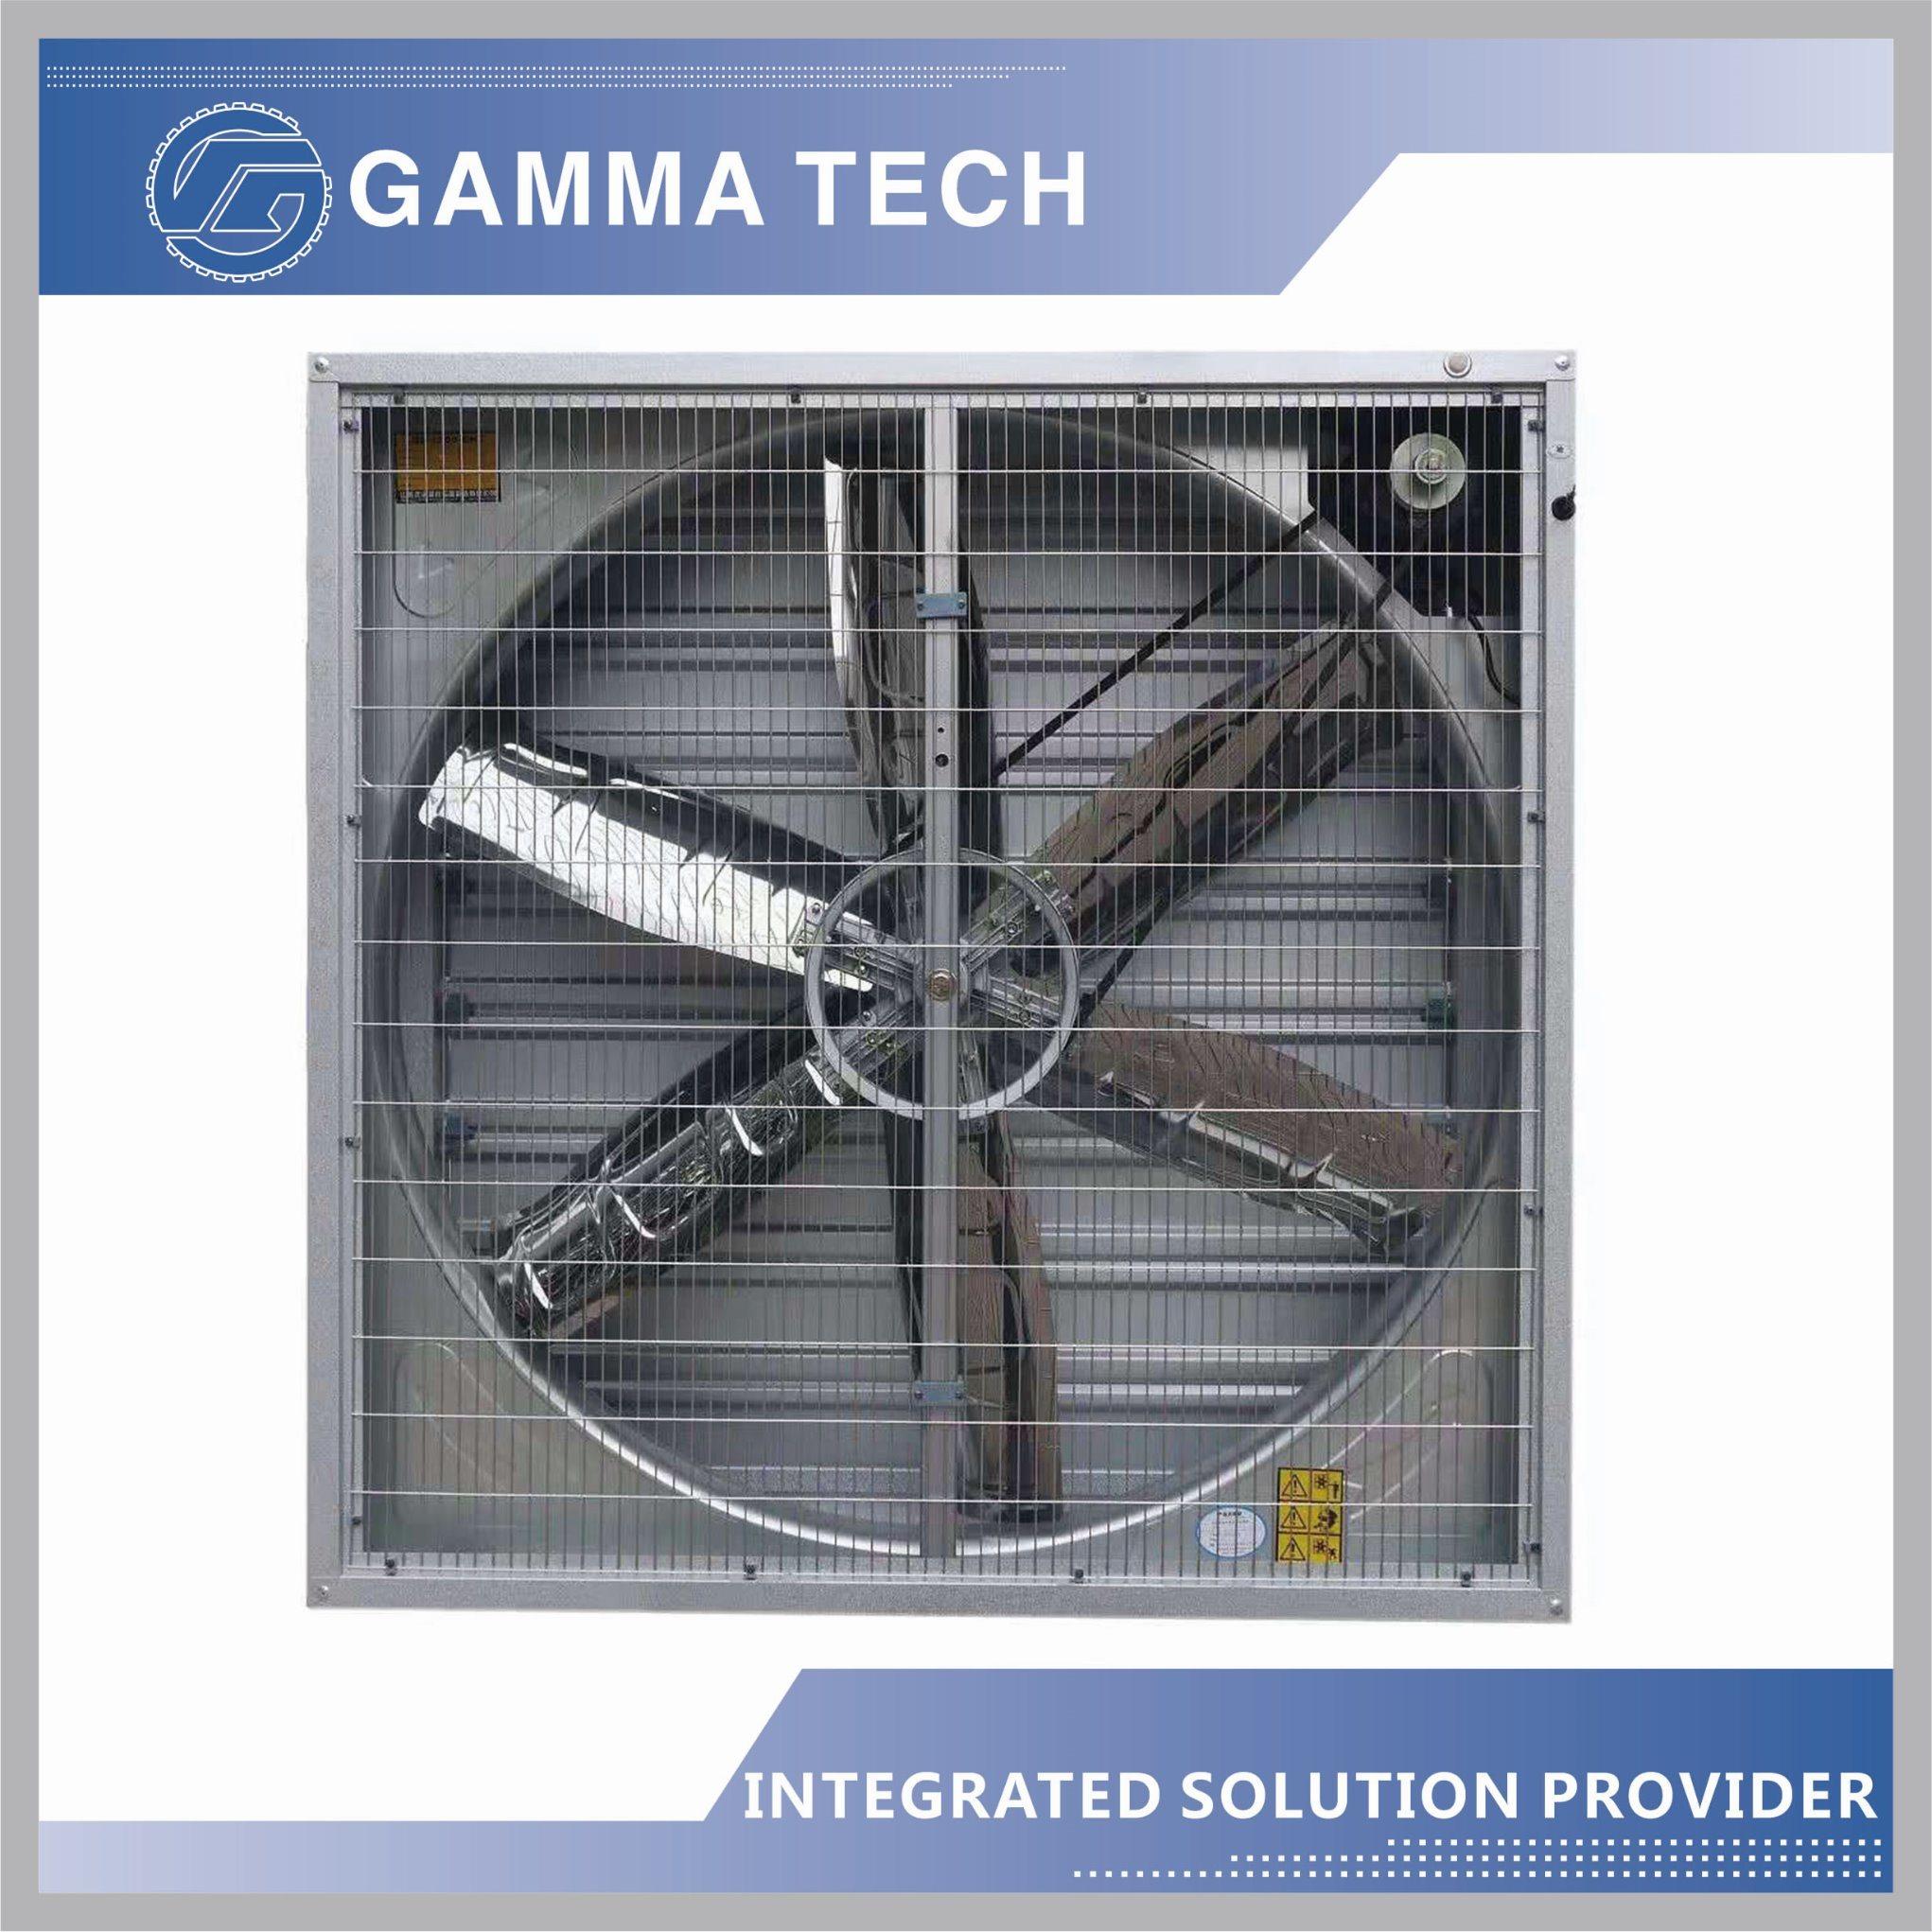 hot item explosion proof industrial ventilation fan 50inch industrial powerful shutter ventilation exhaust fan for greenhouse chickenhouse fan